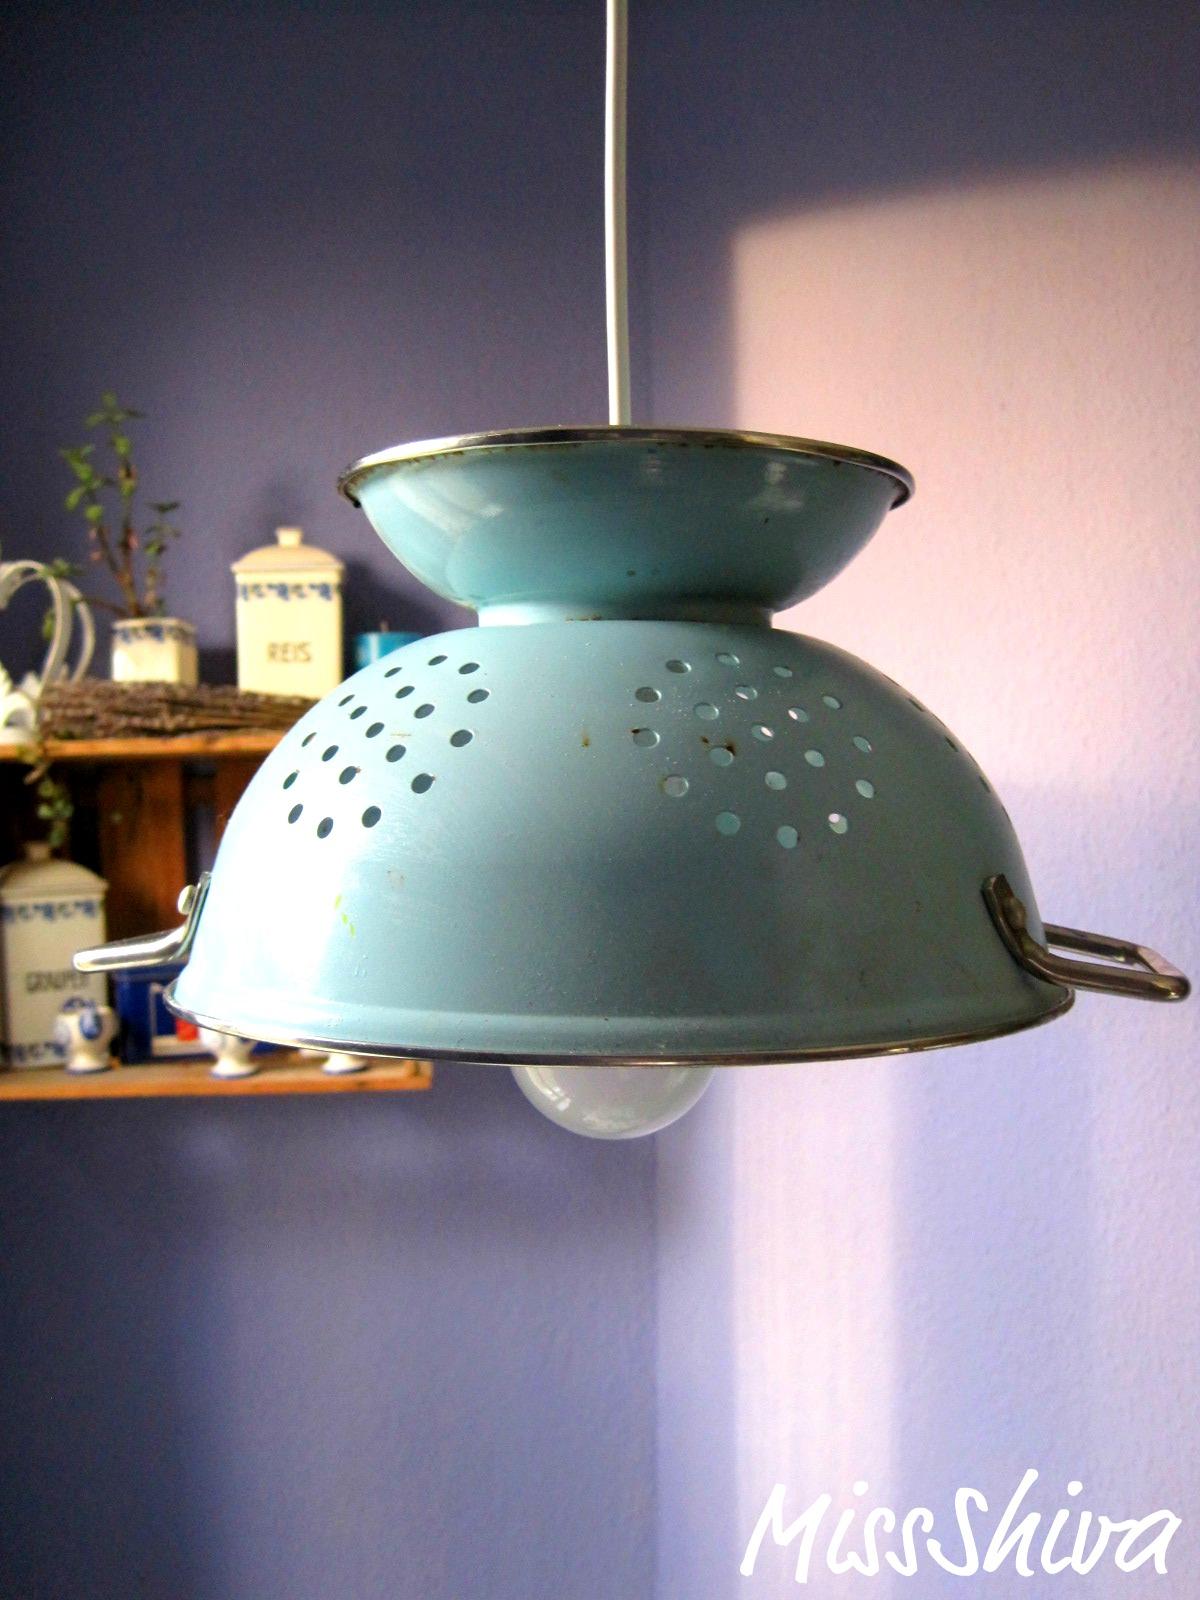 Full Size of Deckenlampe Selber Bauen Lampen Selbermachen 25 Diy Lampenideen Zum Nachbasteln Einbauküche Fenster Einbauen Bodengleiche Dusche Nachträglich Deckenlampen Wohnzimmer Deckenlampe Selber Bauen